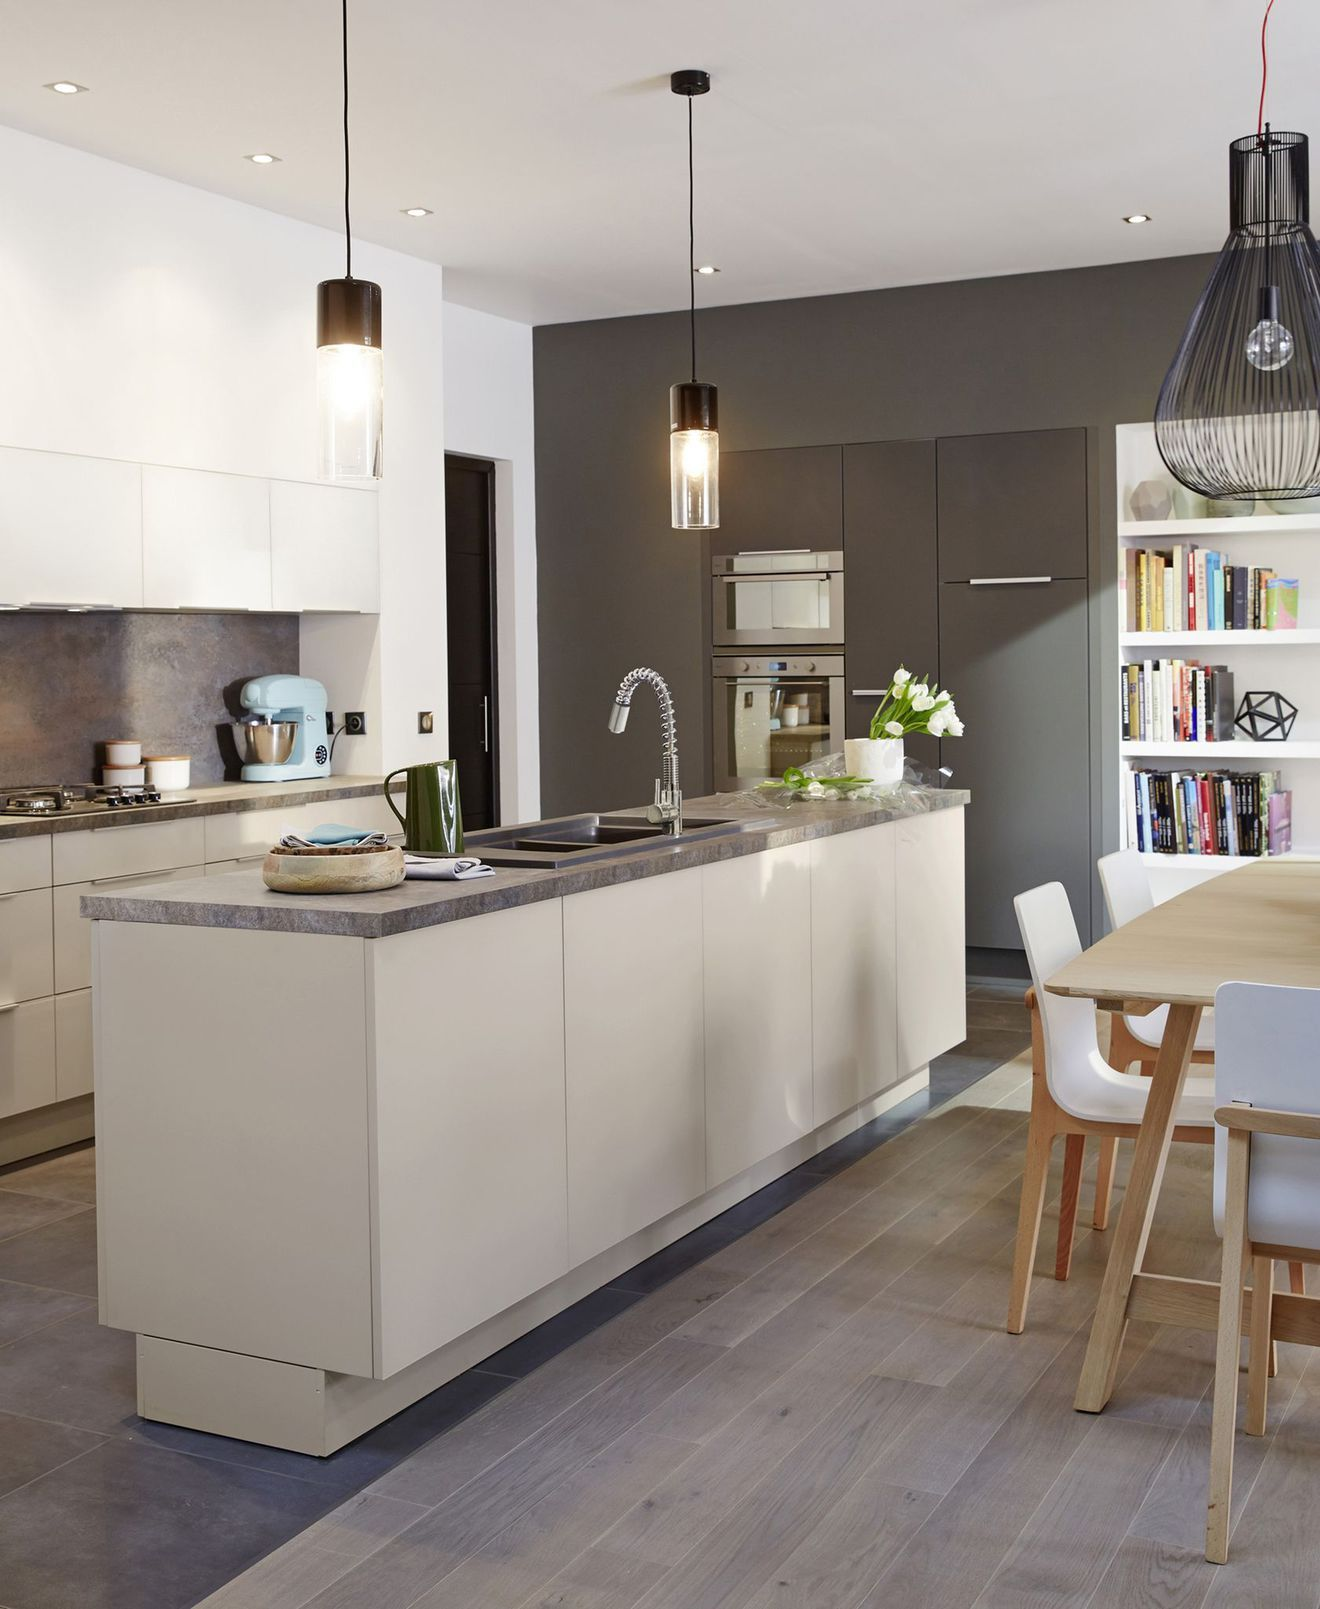 Beste Kücheninsel Beleuchtung Für Gewölbte Decke Fotos - Ideen Für ...